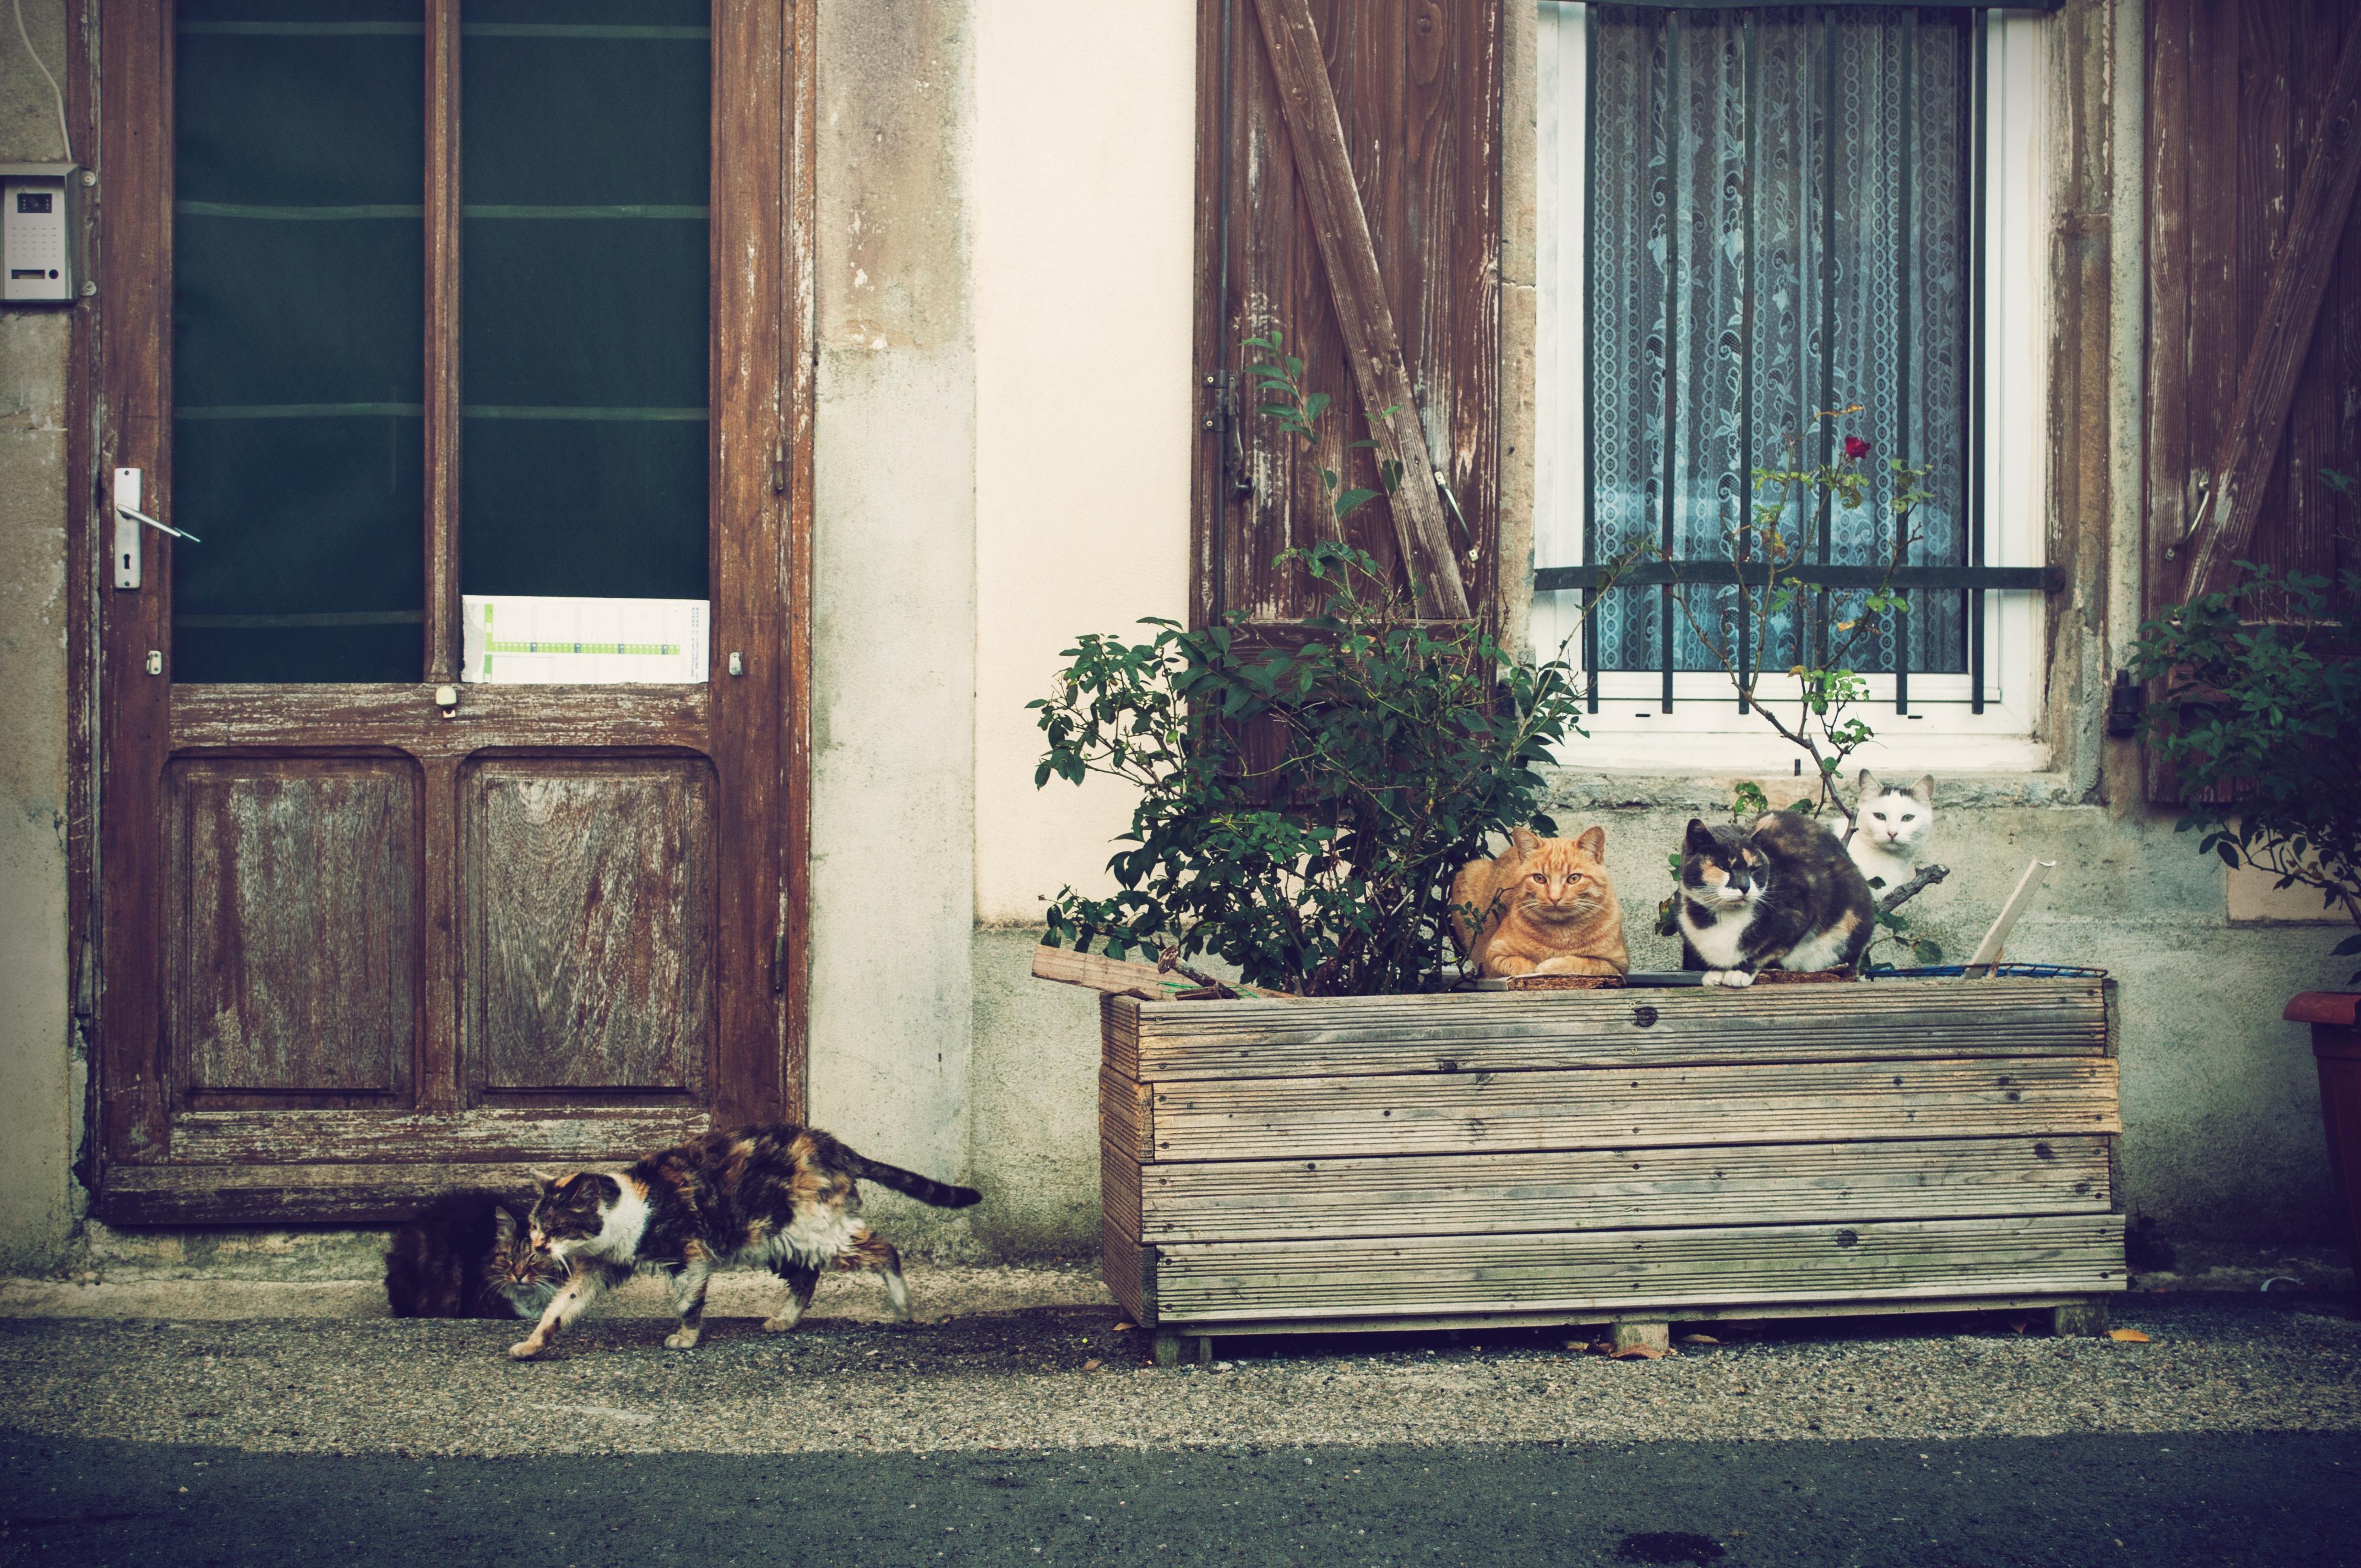 kostenlose foto : holz, haus, fenster, zuhause, tier, veranda